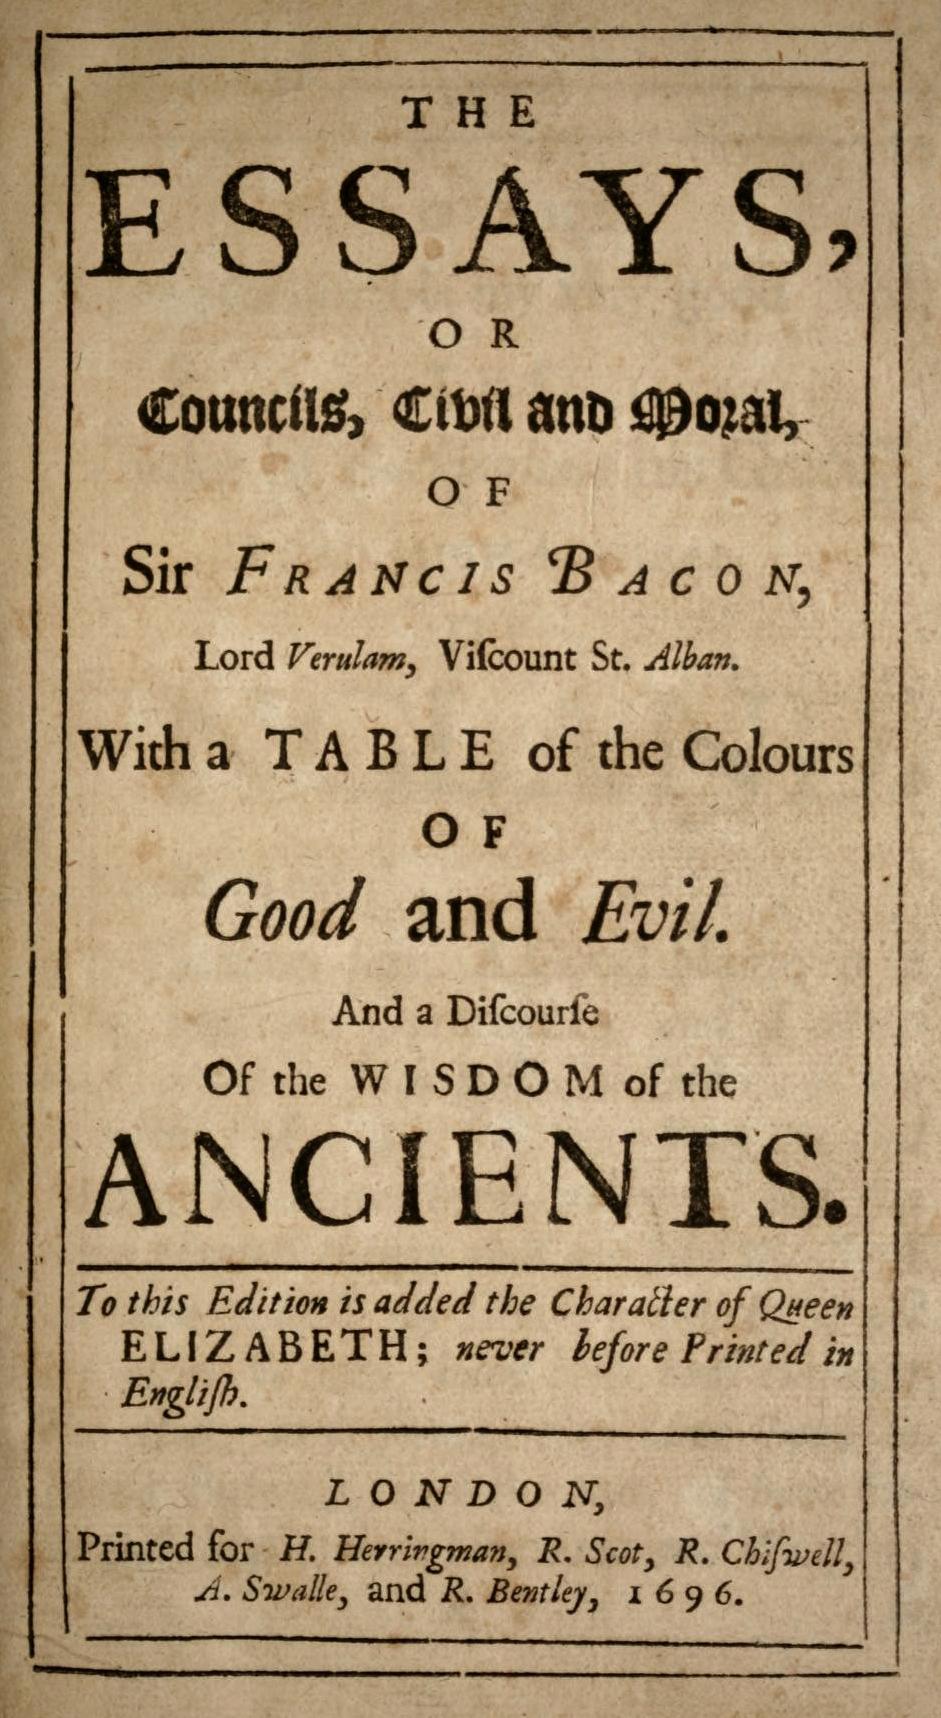 001 Bacons Essays Bacon 1696 Essay Amazing Francis Google Books Of Truth Quiz Bacon's Summary Full